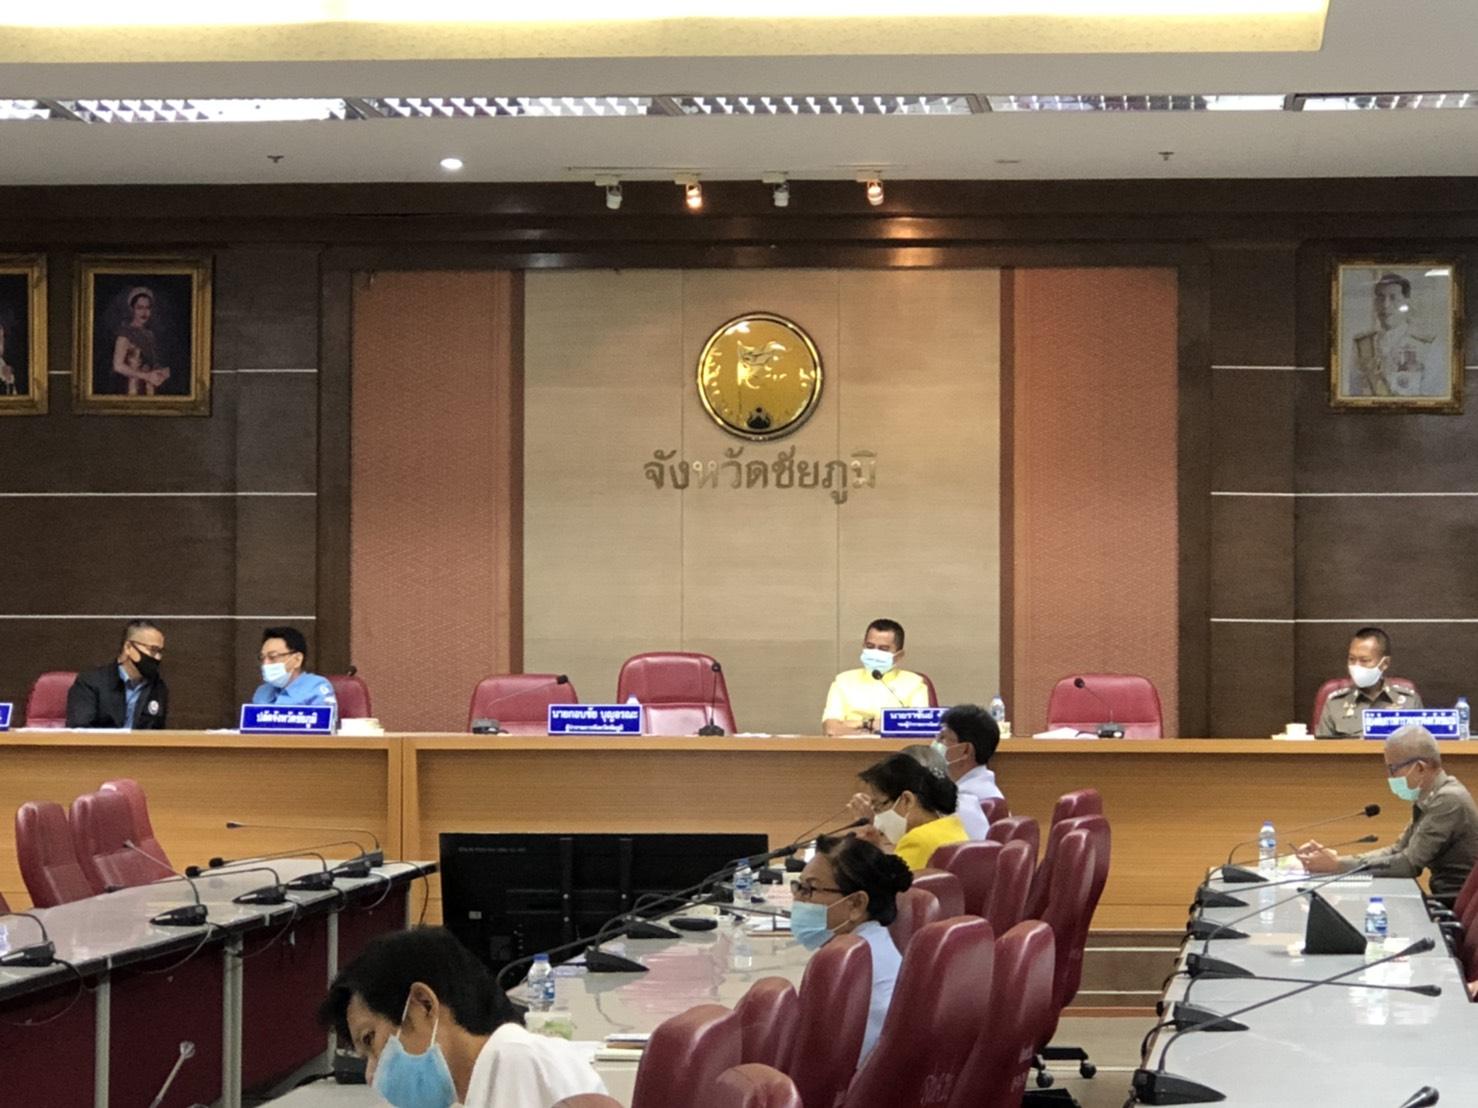 การประชุมคณะกรรมการโรคติดต่อจังหวัดชัยภูมิ ครั้งที่ 28/2564 (ประชุมทุกวัน) ณ ห้องประชุมพญาแล ชั้น 5 ศาลากลางจังหวัดชัยภูมิ